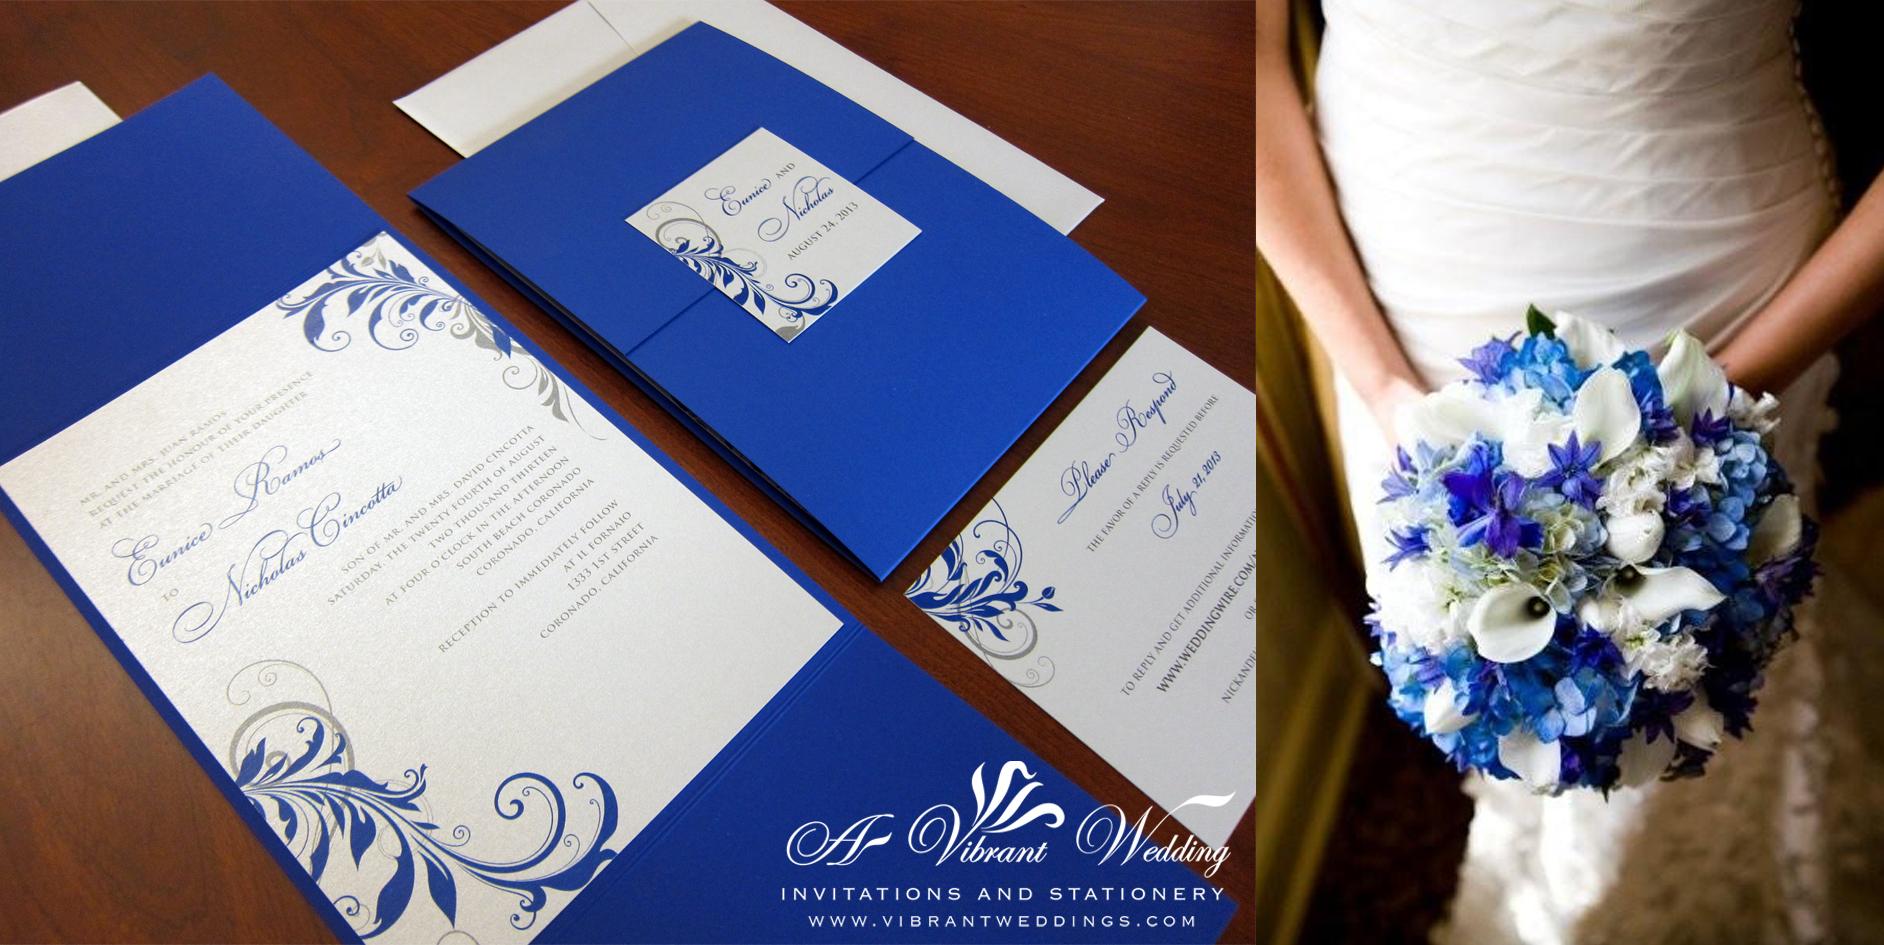 Blue And Silver Wedding Invitation With Leaf Scroll Design U2013 5×7u2033 Gate Fold  Style U2013 A Vibrant Wedding